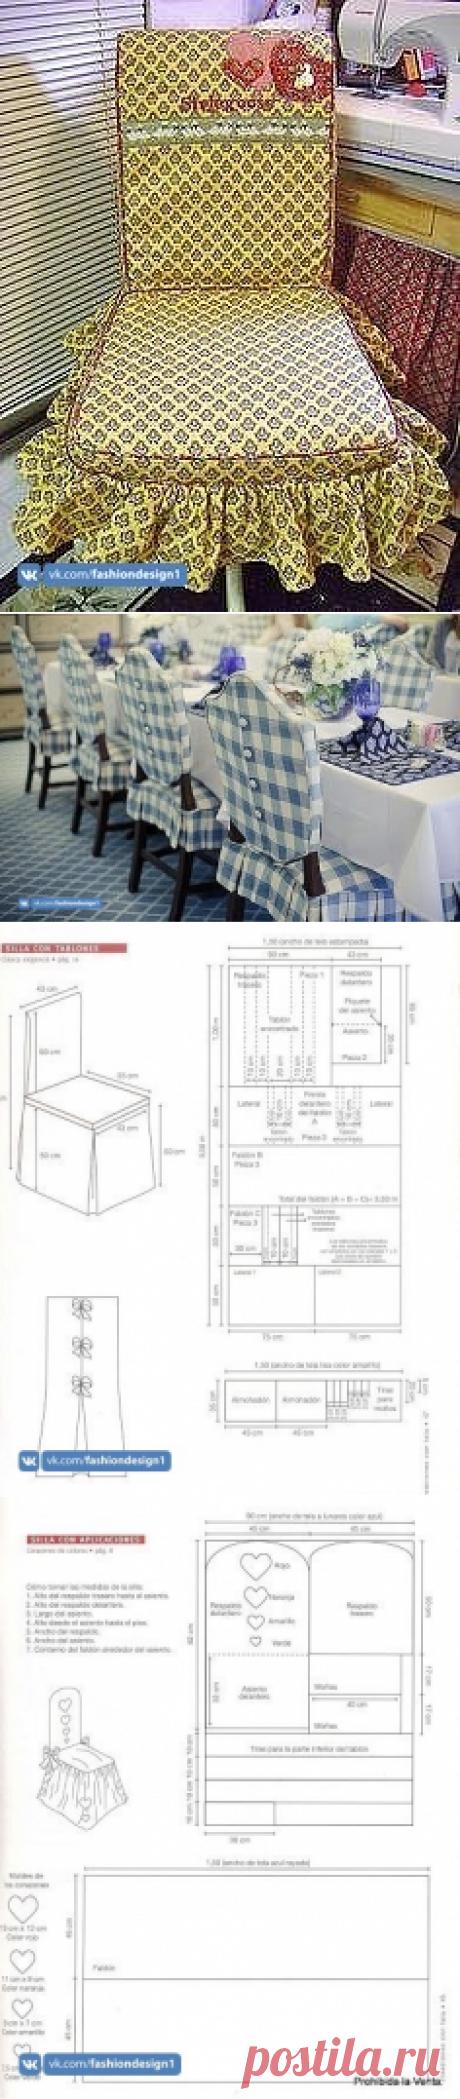 Украшаем стулья чехлами — Сделай сам, идеи для творчества - DIY Ideas